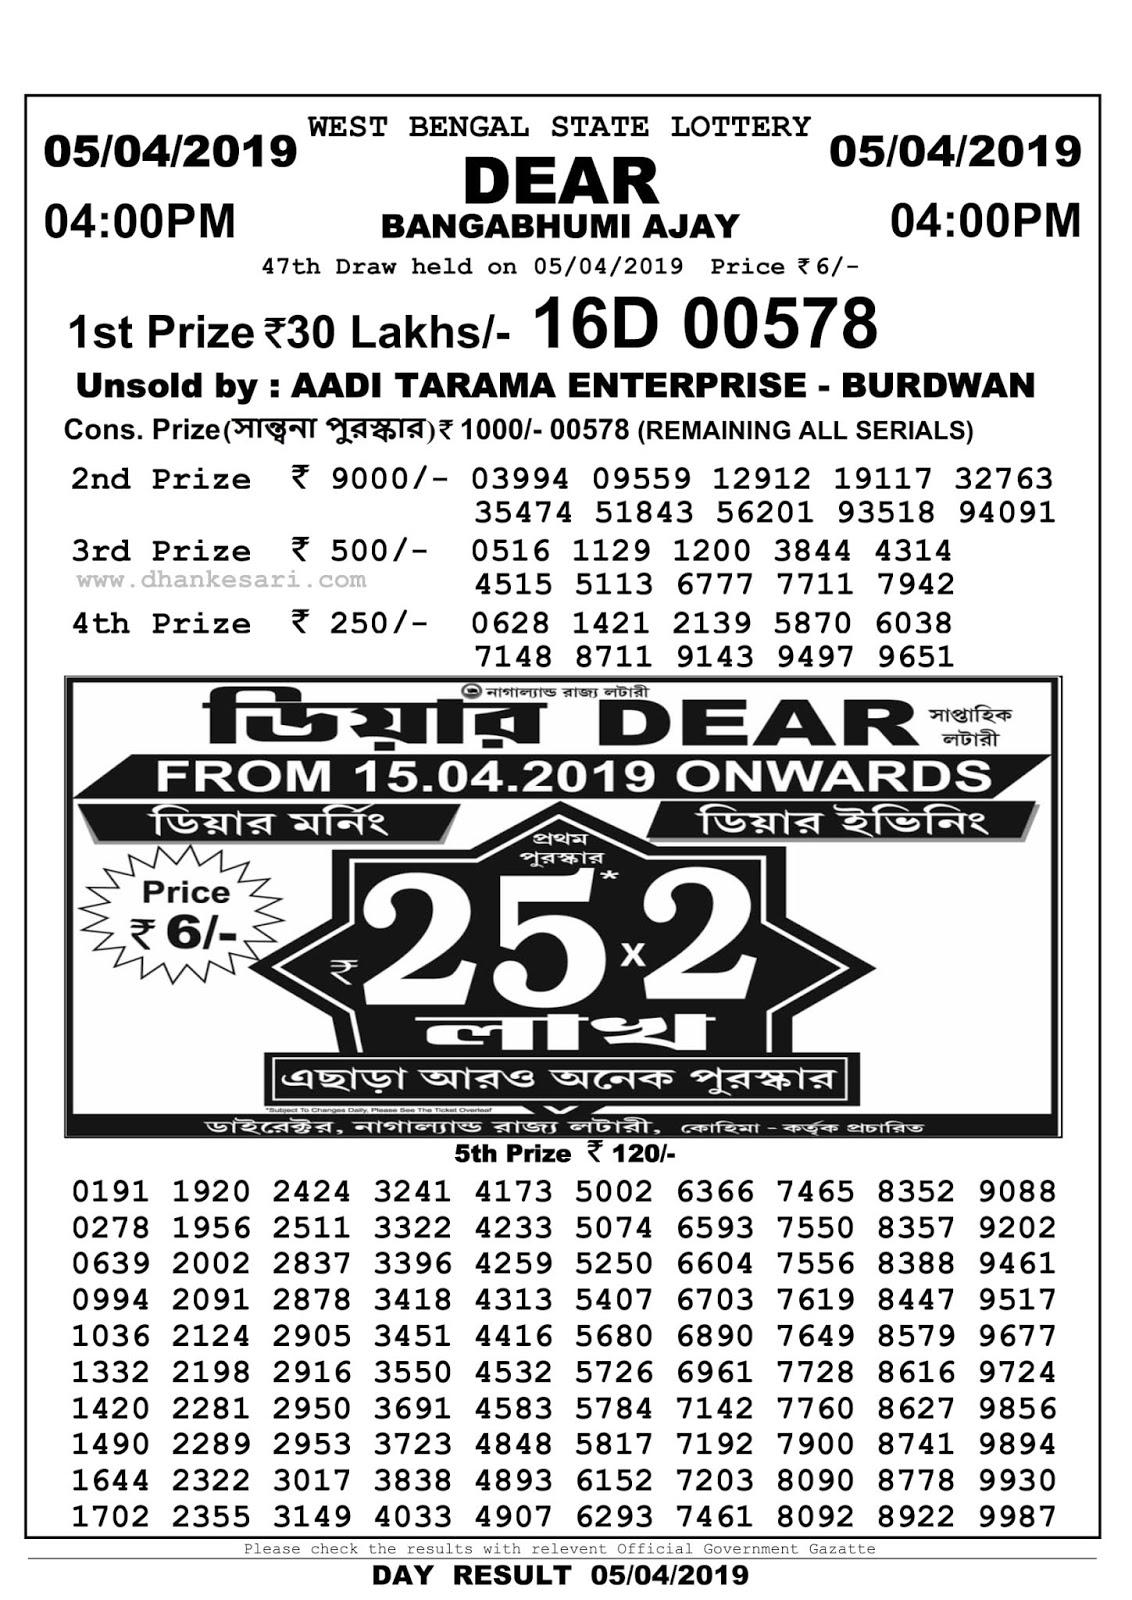 dhan kesari, dhan kesari today result, dhankesri, dhankeshri, dhankesri results, dhan kesari old lottery sambad, sambad lottery, dhan kesari lottery sambad live results, dhankesari online lottery, dhan kesari, dhan kesari morning result, dhan kesari old result, dhan kesari old, dhankesari lottery result live, dhan kesari live draw, dhan kesari results latest, dhankesari today result old, dhankesari today result lottery sambad, dhankesari today results, dhankesari todays result, dhankesari today result morning, dhankesari today result day, dhankesari today result night, dhankesari today result live onine, www.dhankesari.com, lottery sambad results, lottery sambad dhankesari today result live, sikkim lottery, sikkim lottery online results, west bangal state lottery